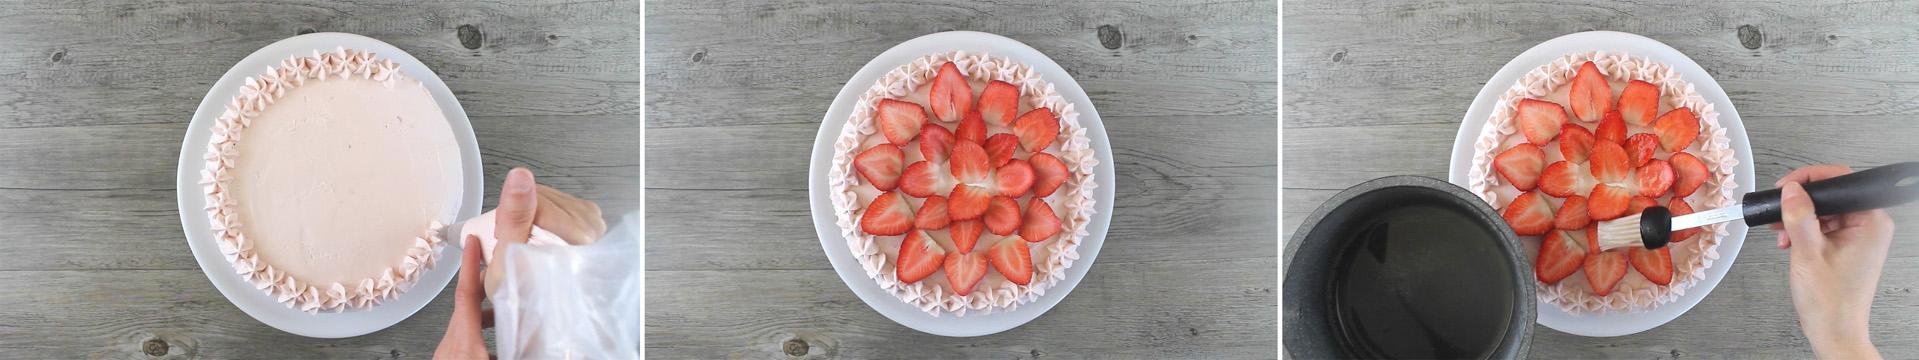 torta fragole fresche